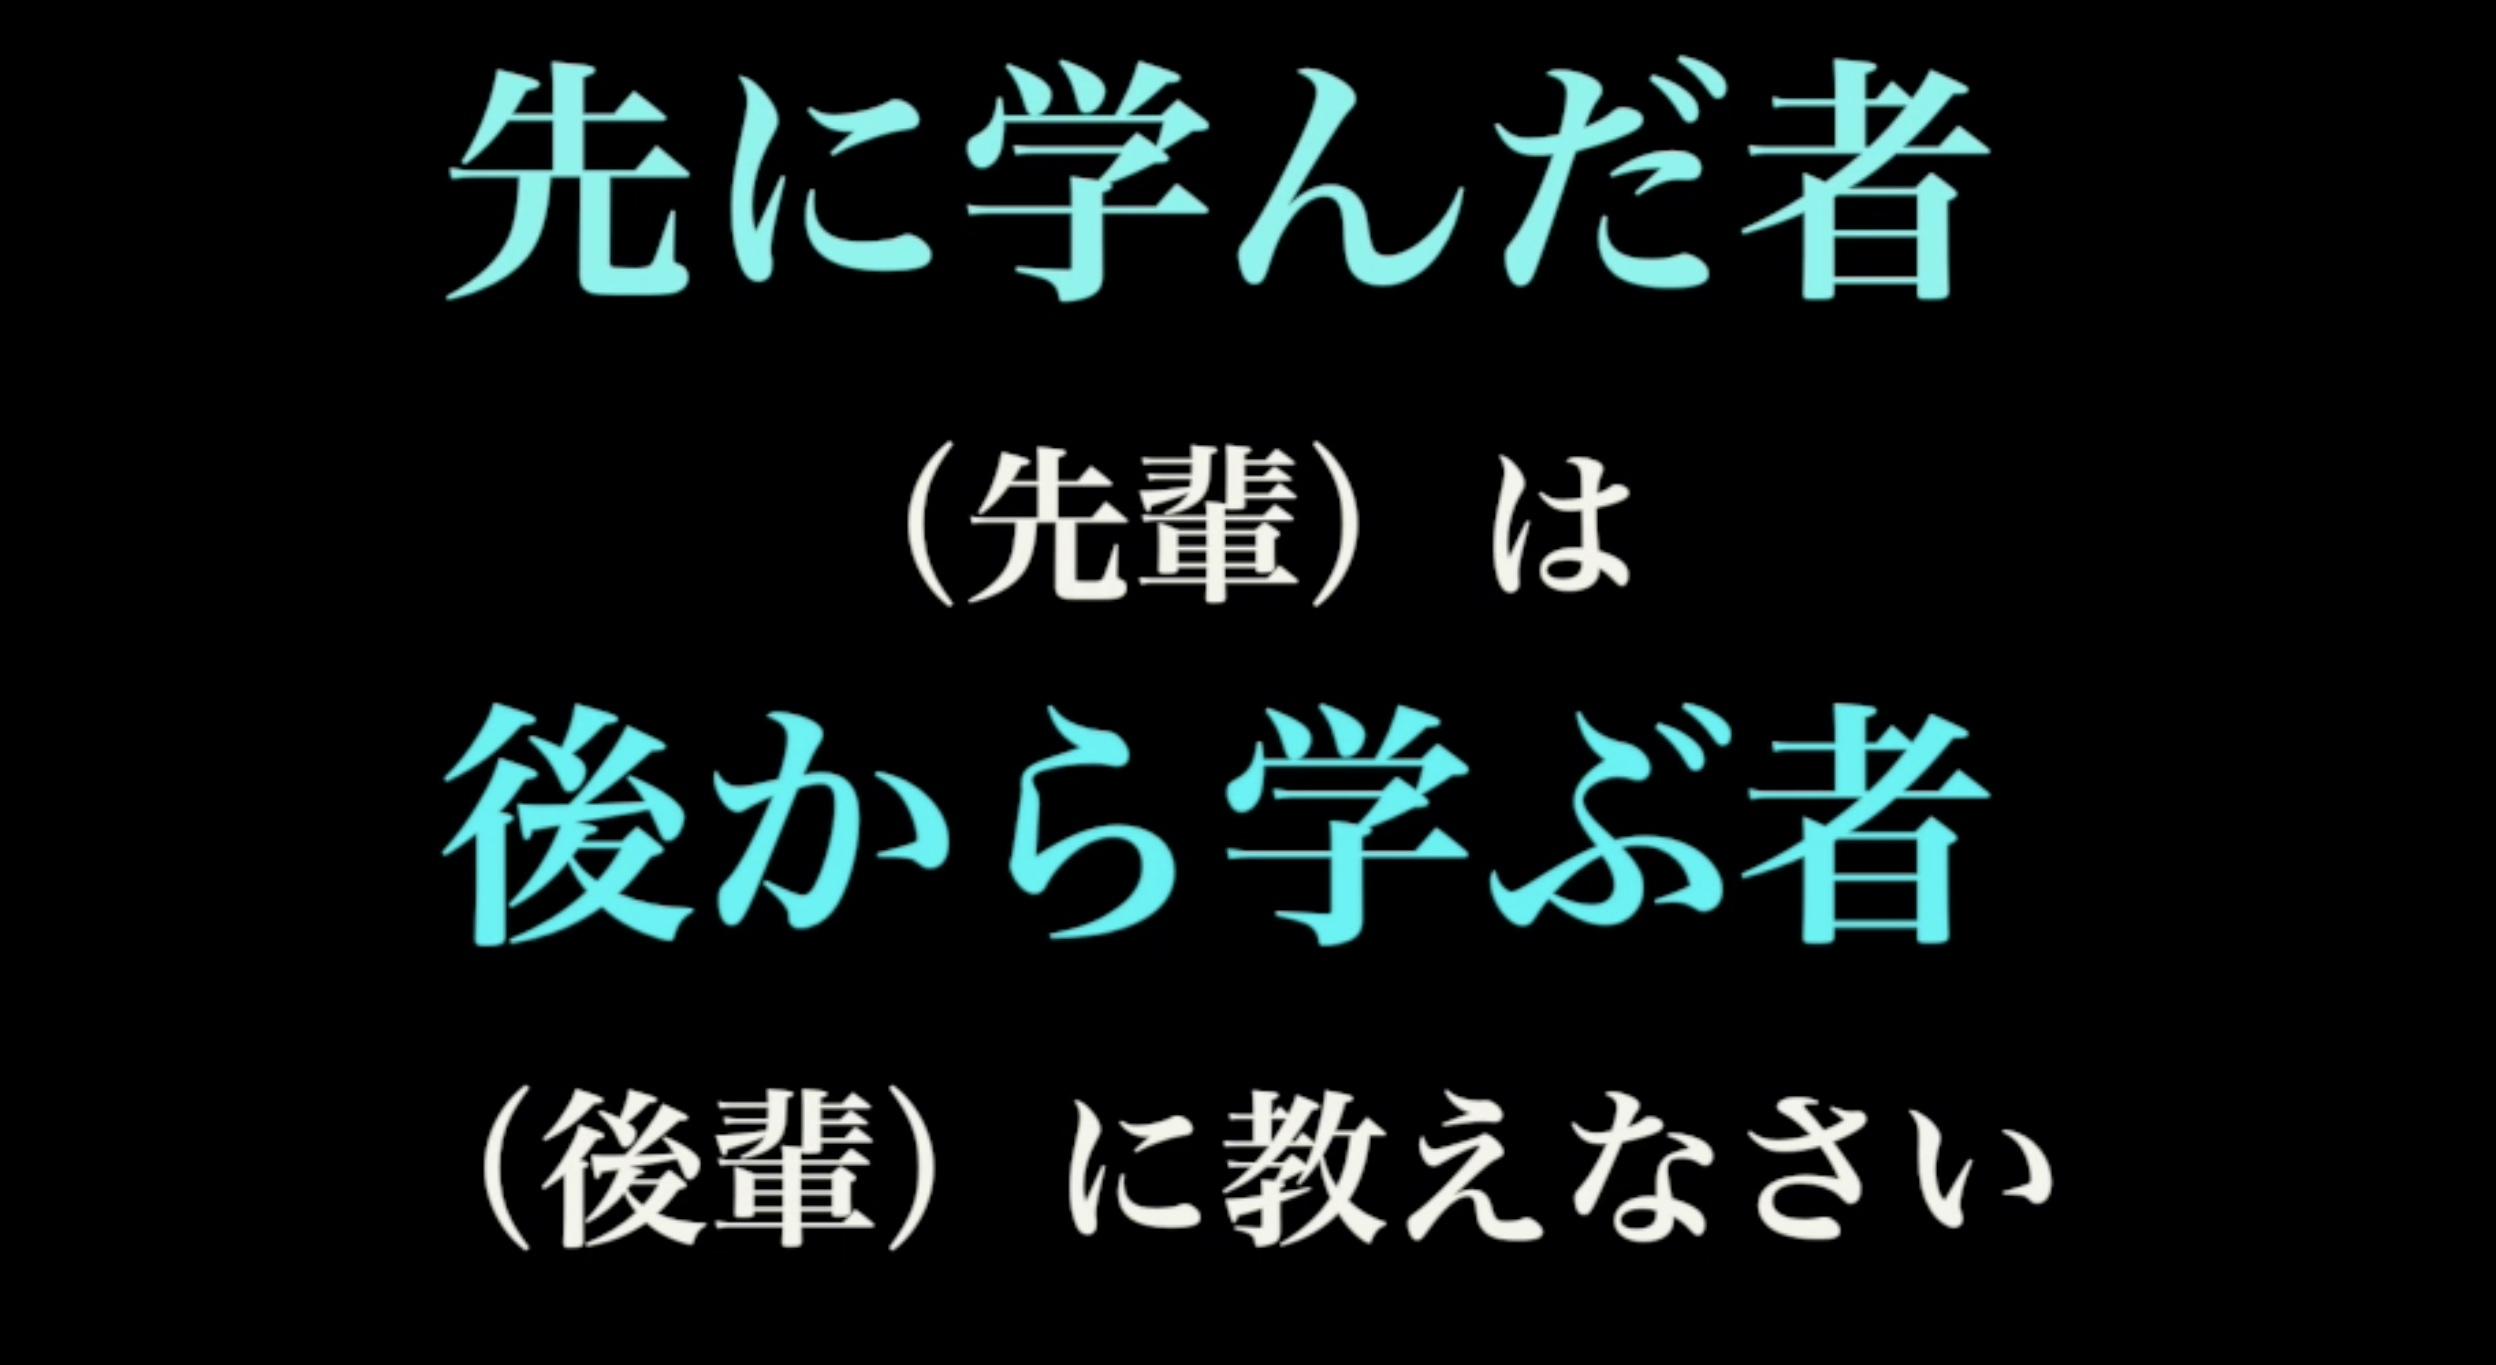 第2898話・・・バレー塾in東京_c0000970_10095235.jpg